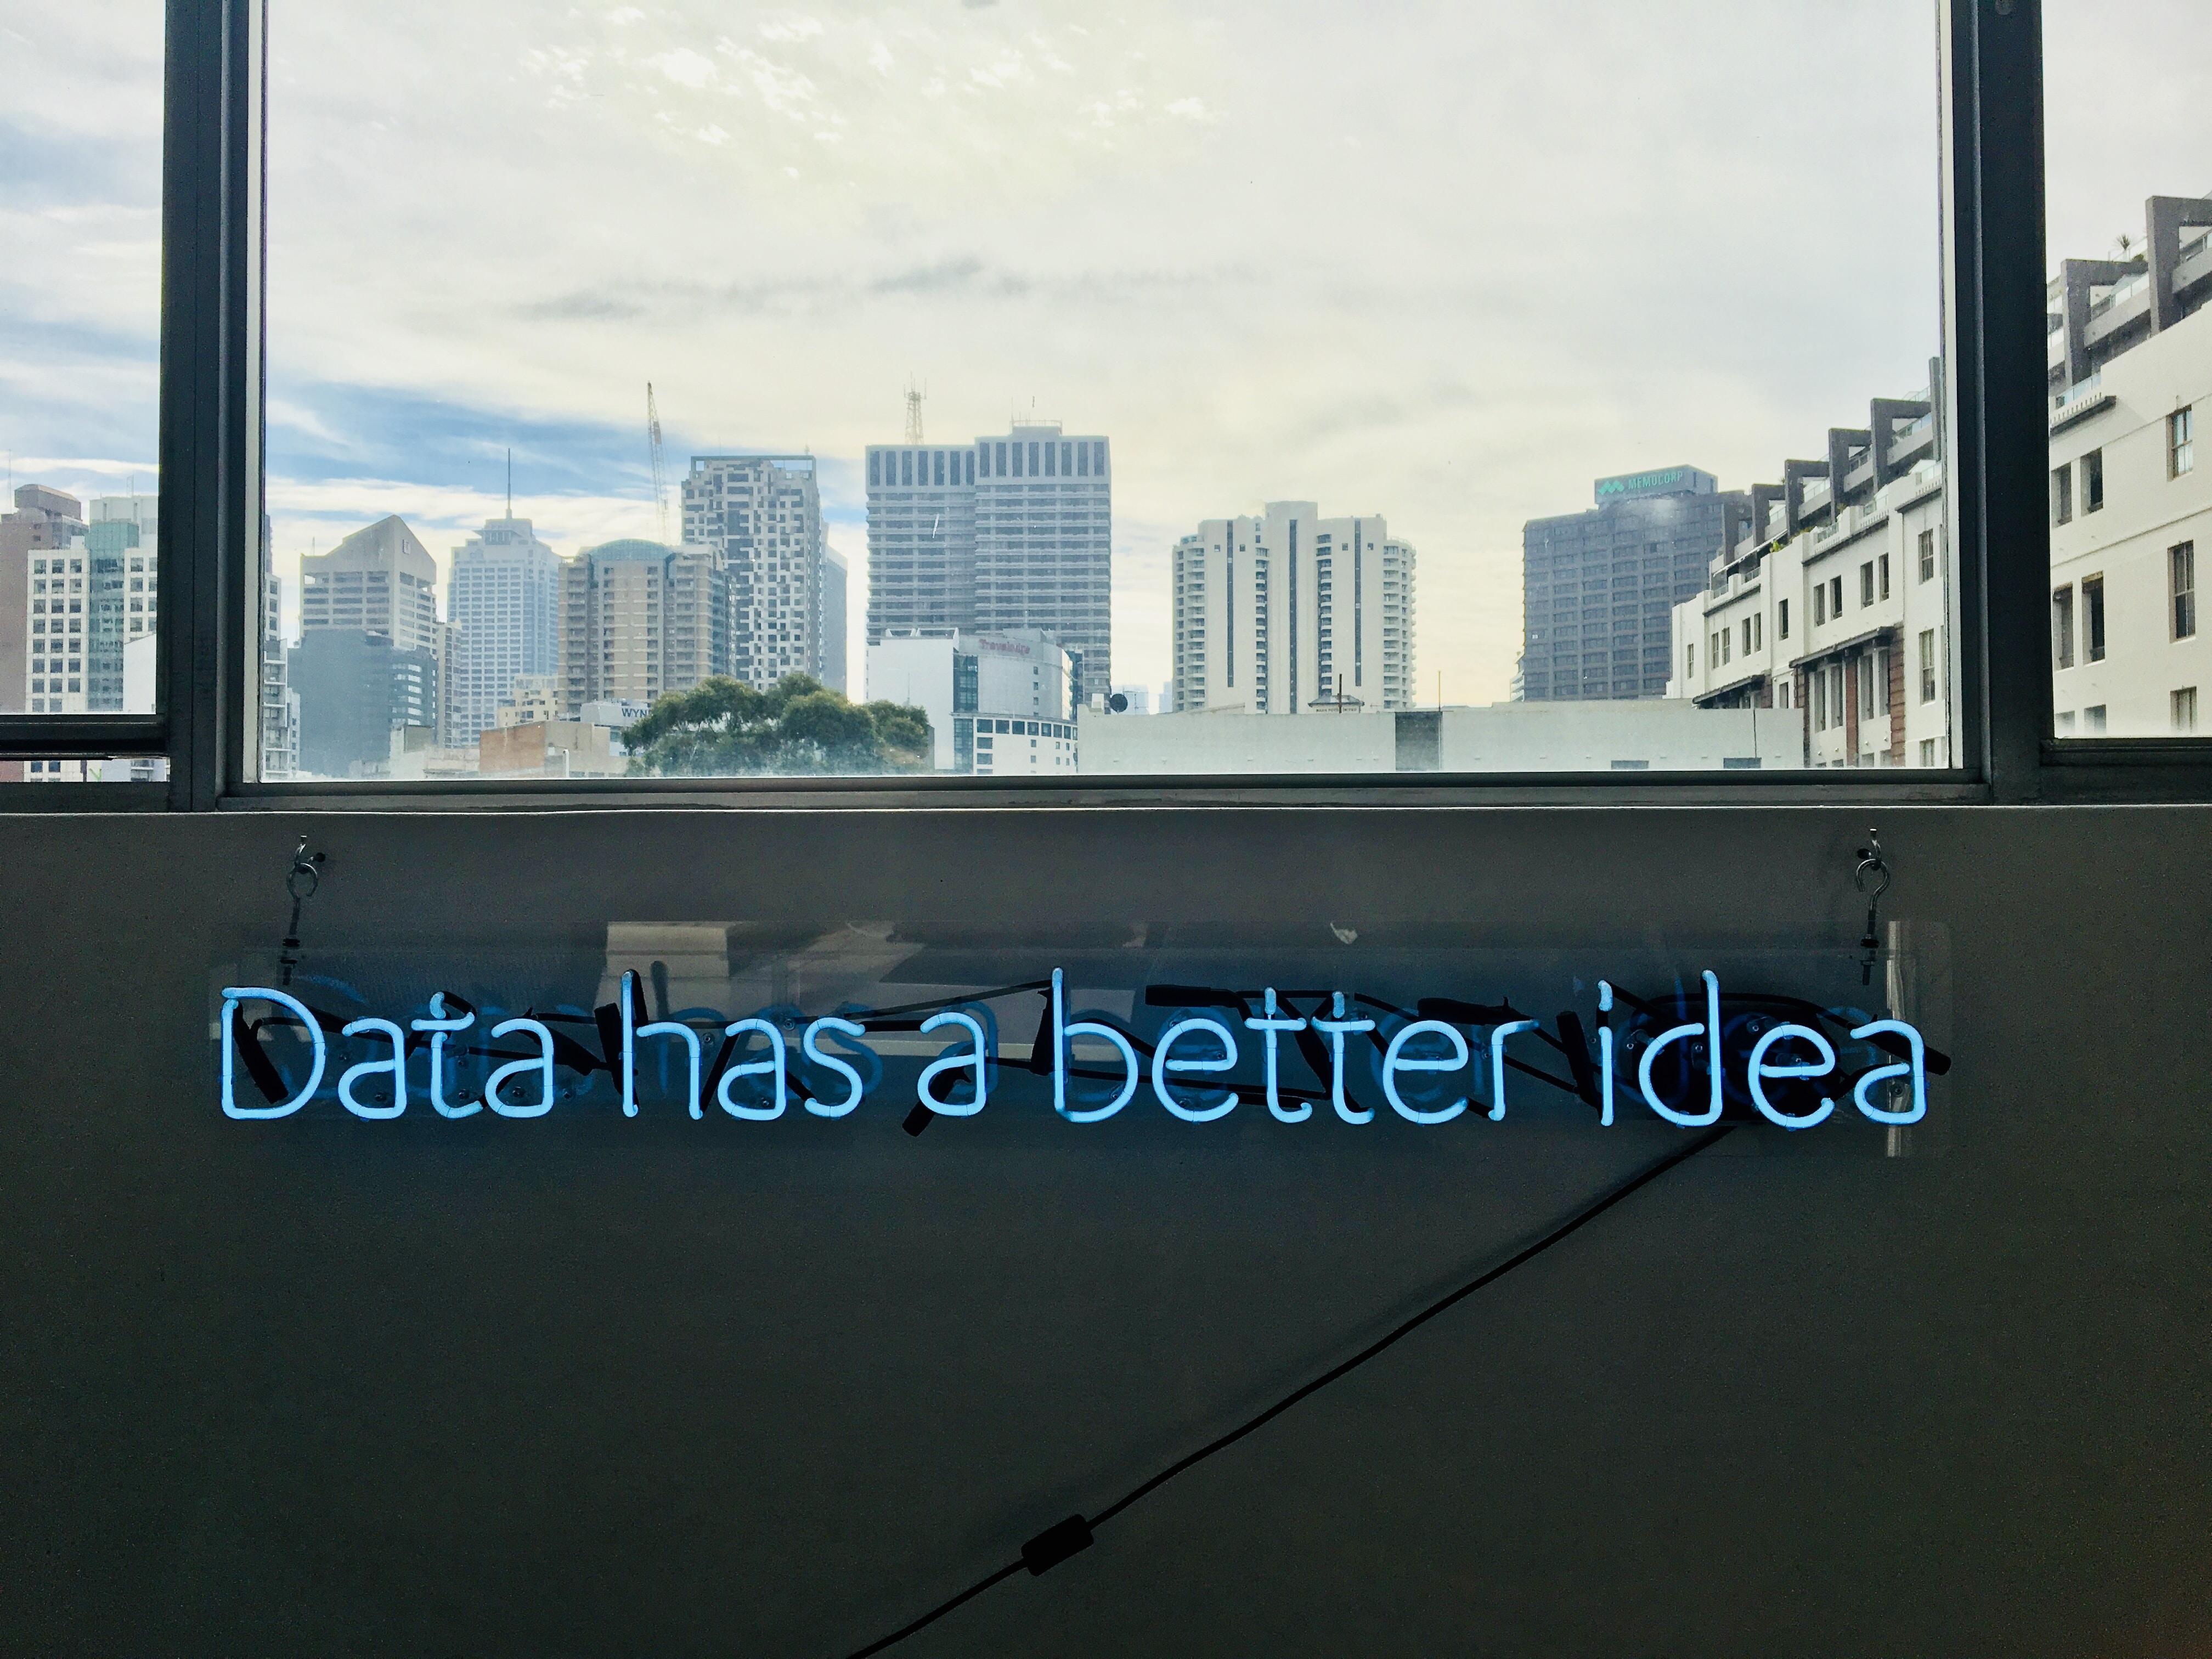 Data has a better idea.